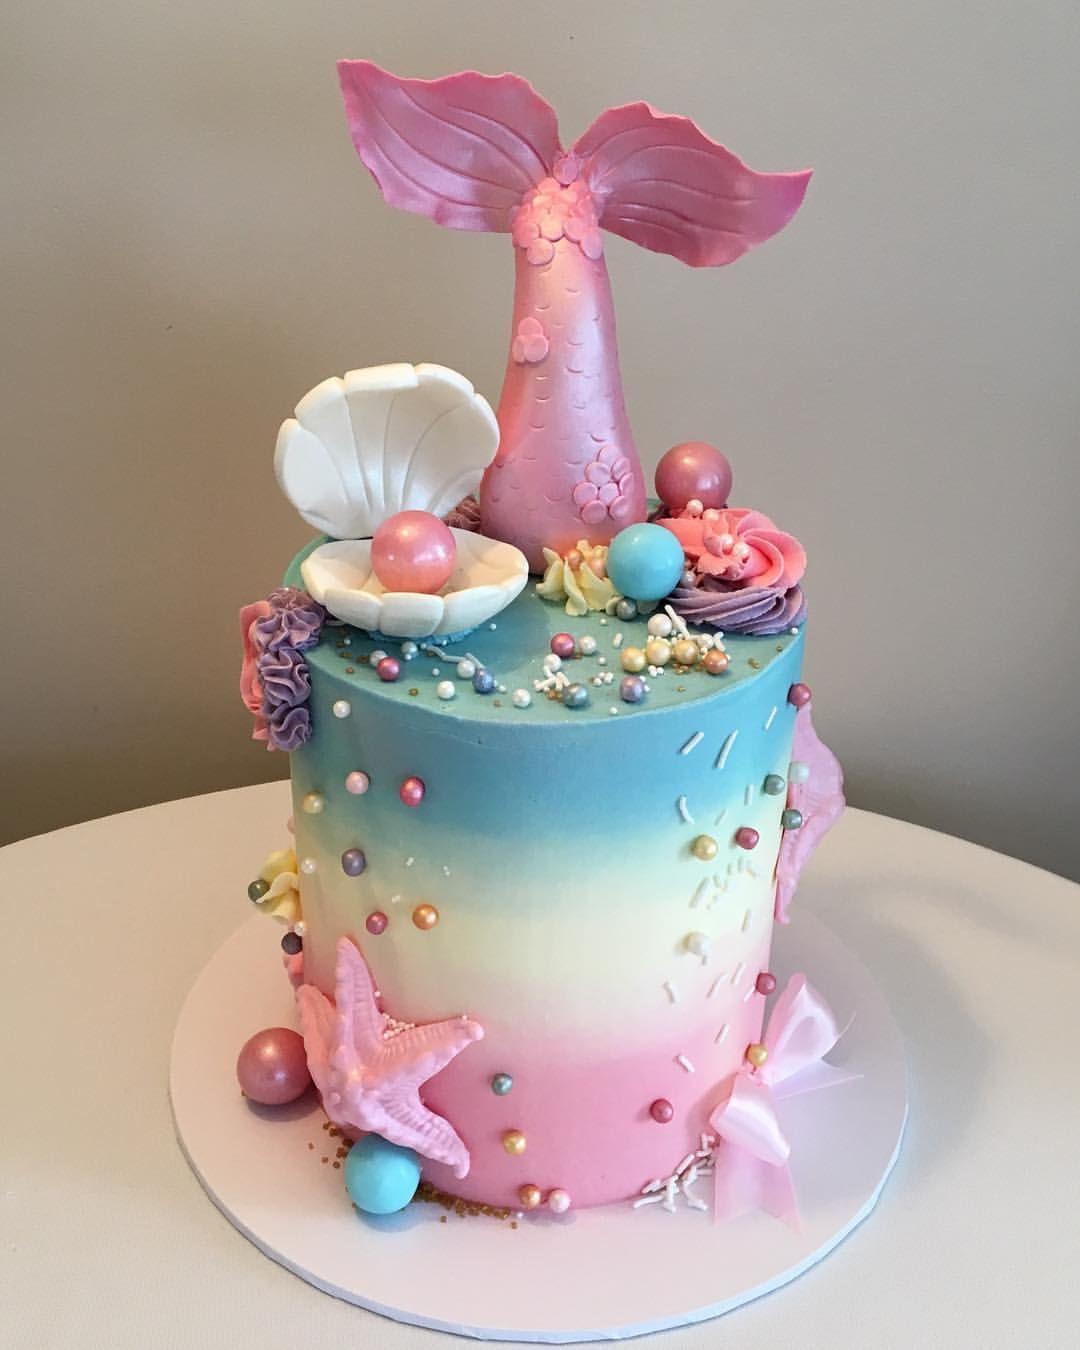 773 vindikleuks 16 reacties Sandys Cakes sandyscakes op